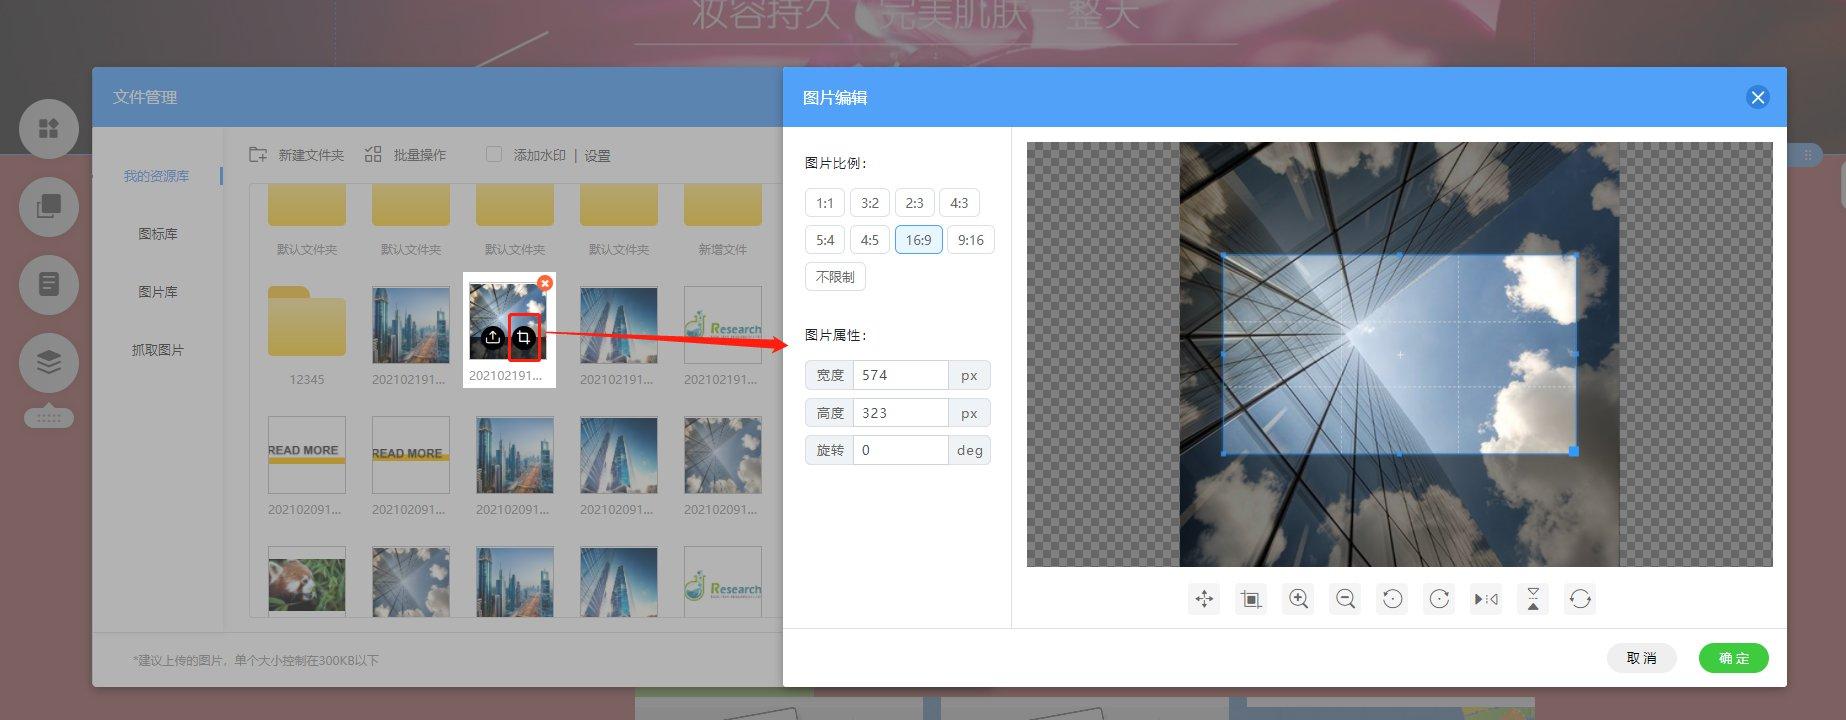 建站更新:h5建站资源库的图片在线剪切工具优化